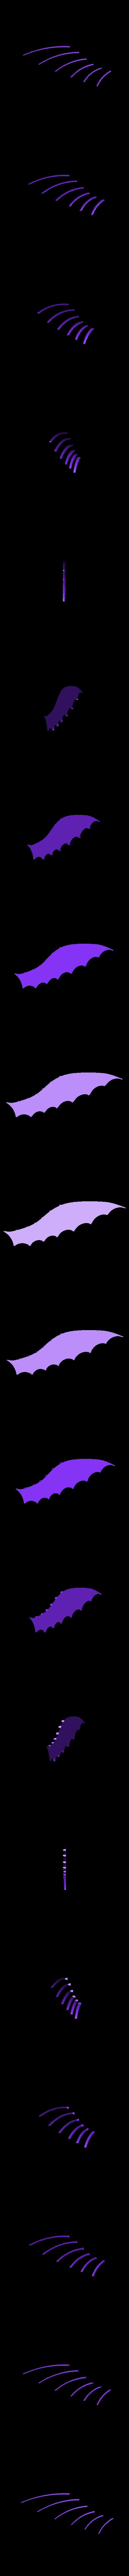 Left_wing_big.stl Télécharger fichier STL gratuit Le cerf-volant de DaVinci • Plan pour imprimante 3D, Beardoric